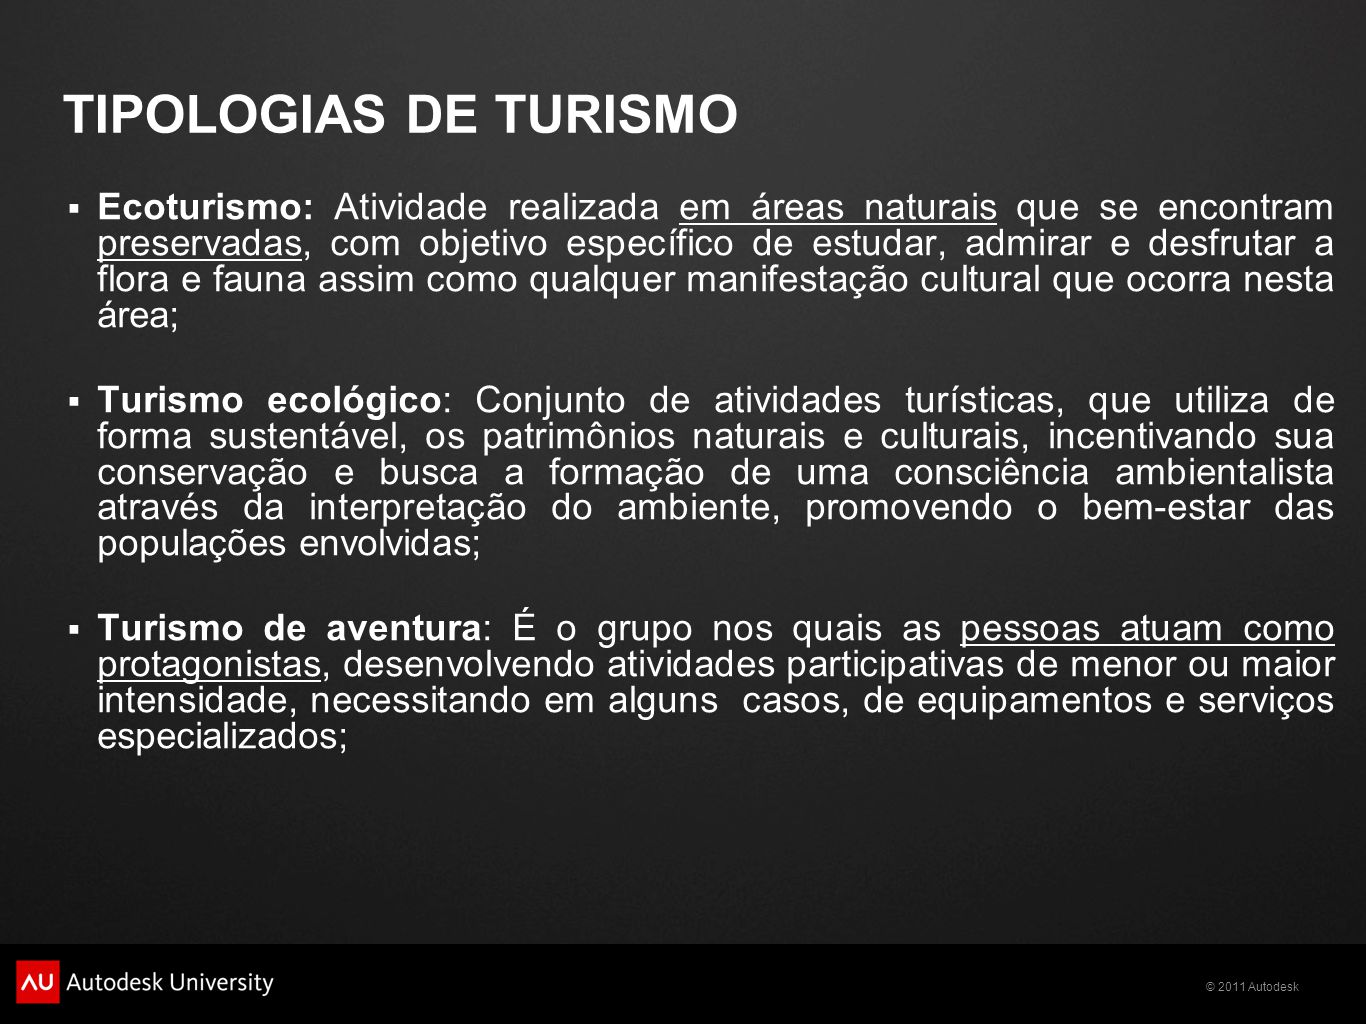 TIPOLOGIAS DE TURISMO